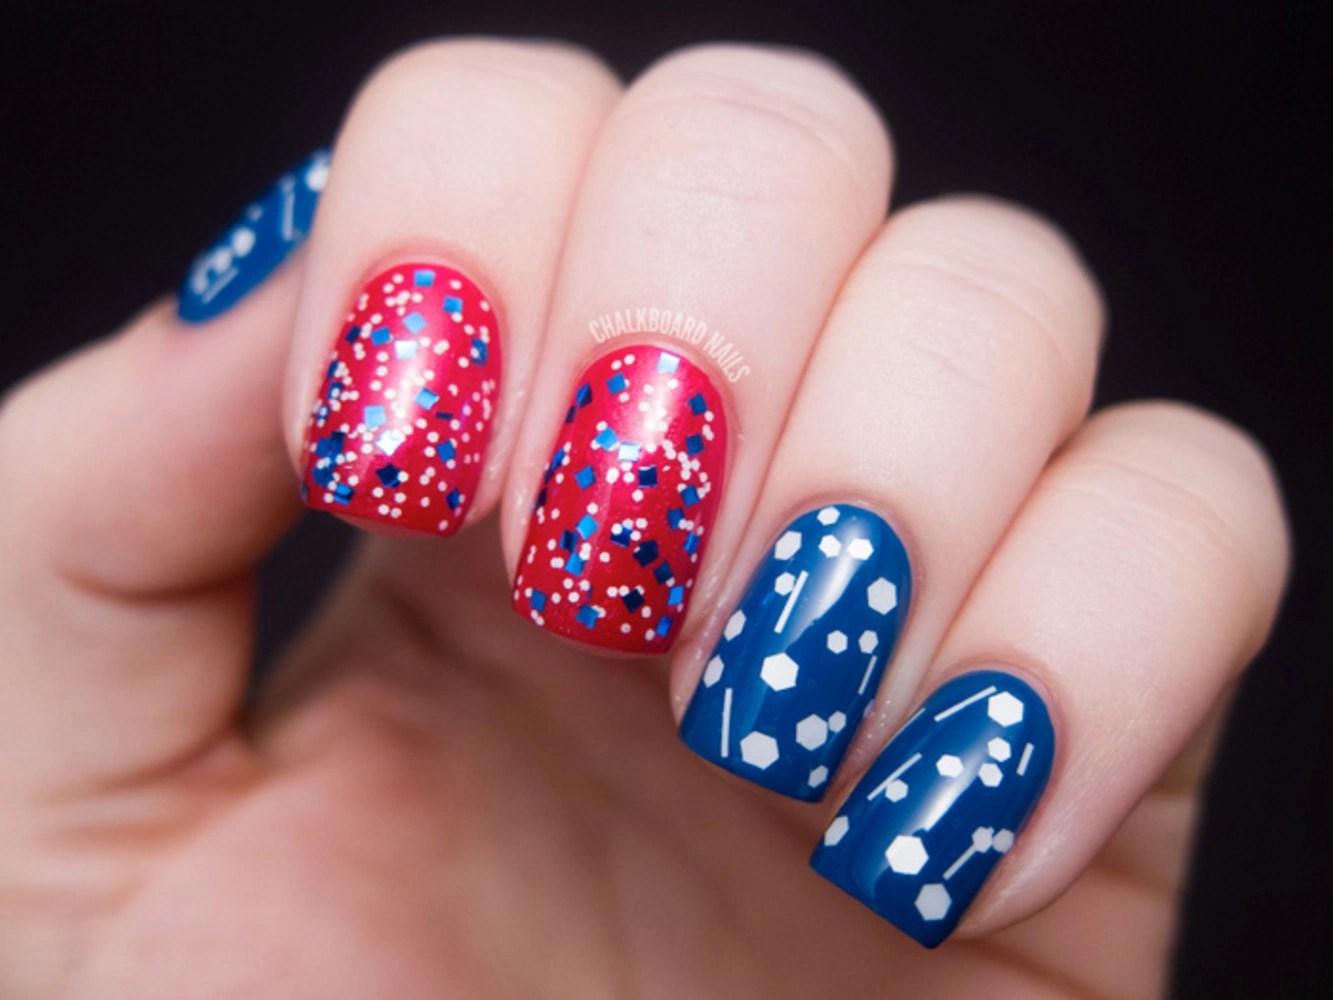 July 4th Nail Art